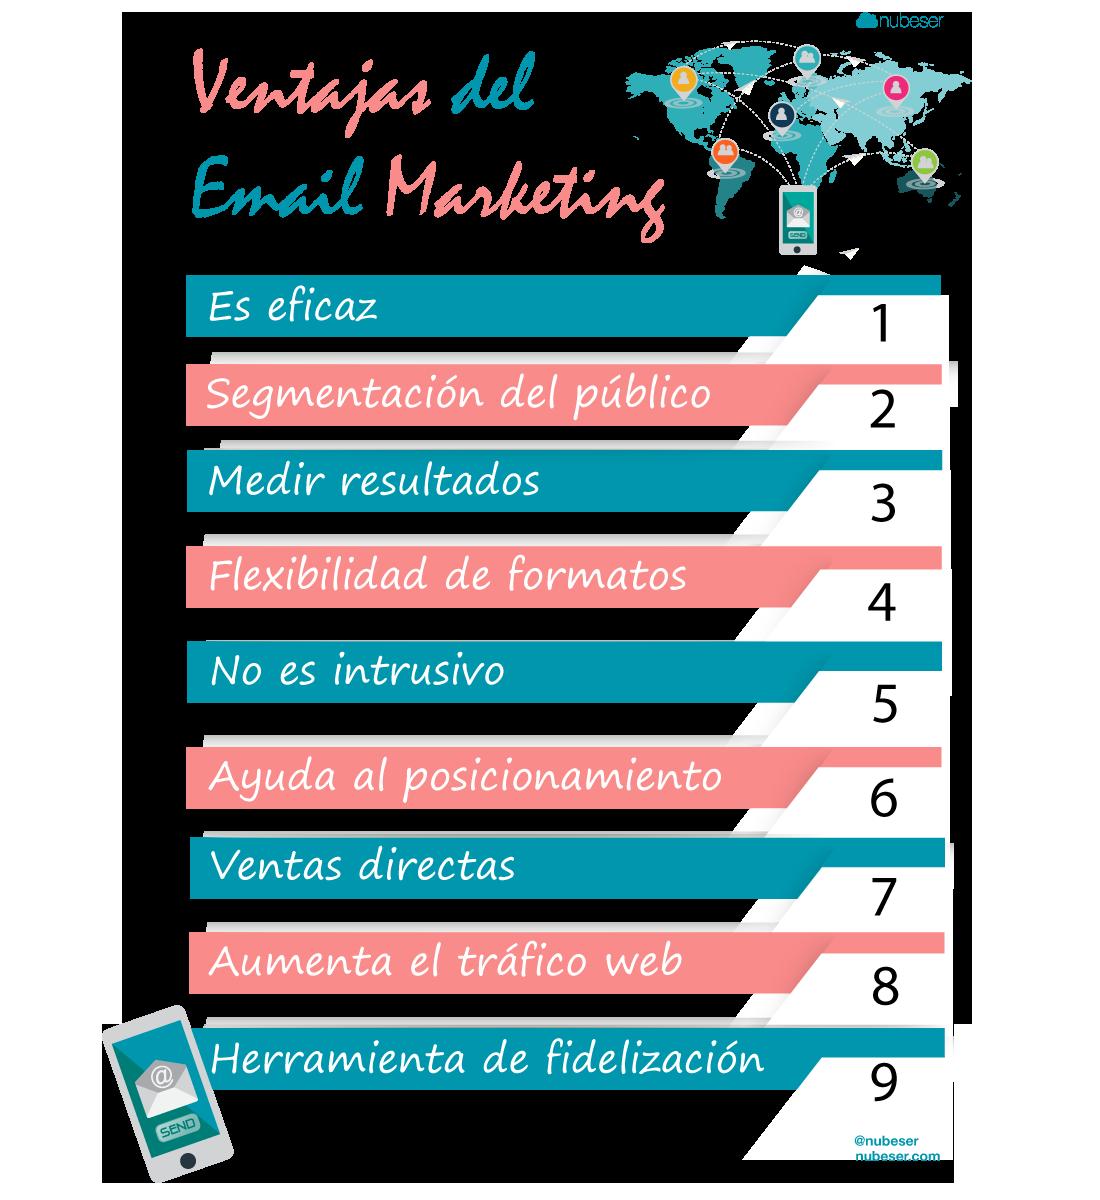 infografía de las ventajas del email marketing para empresas